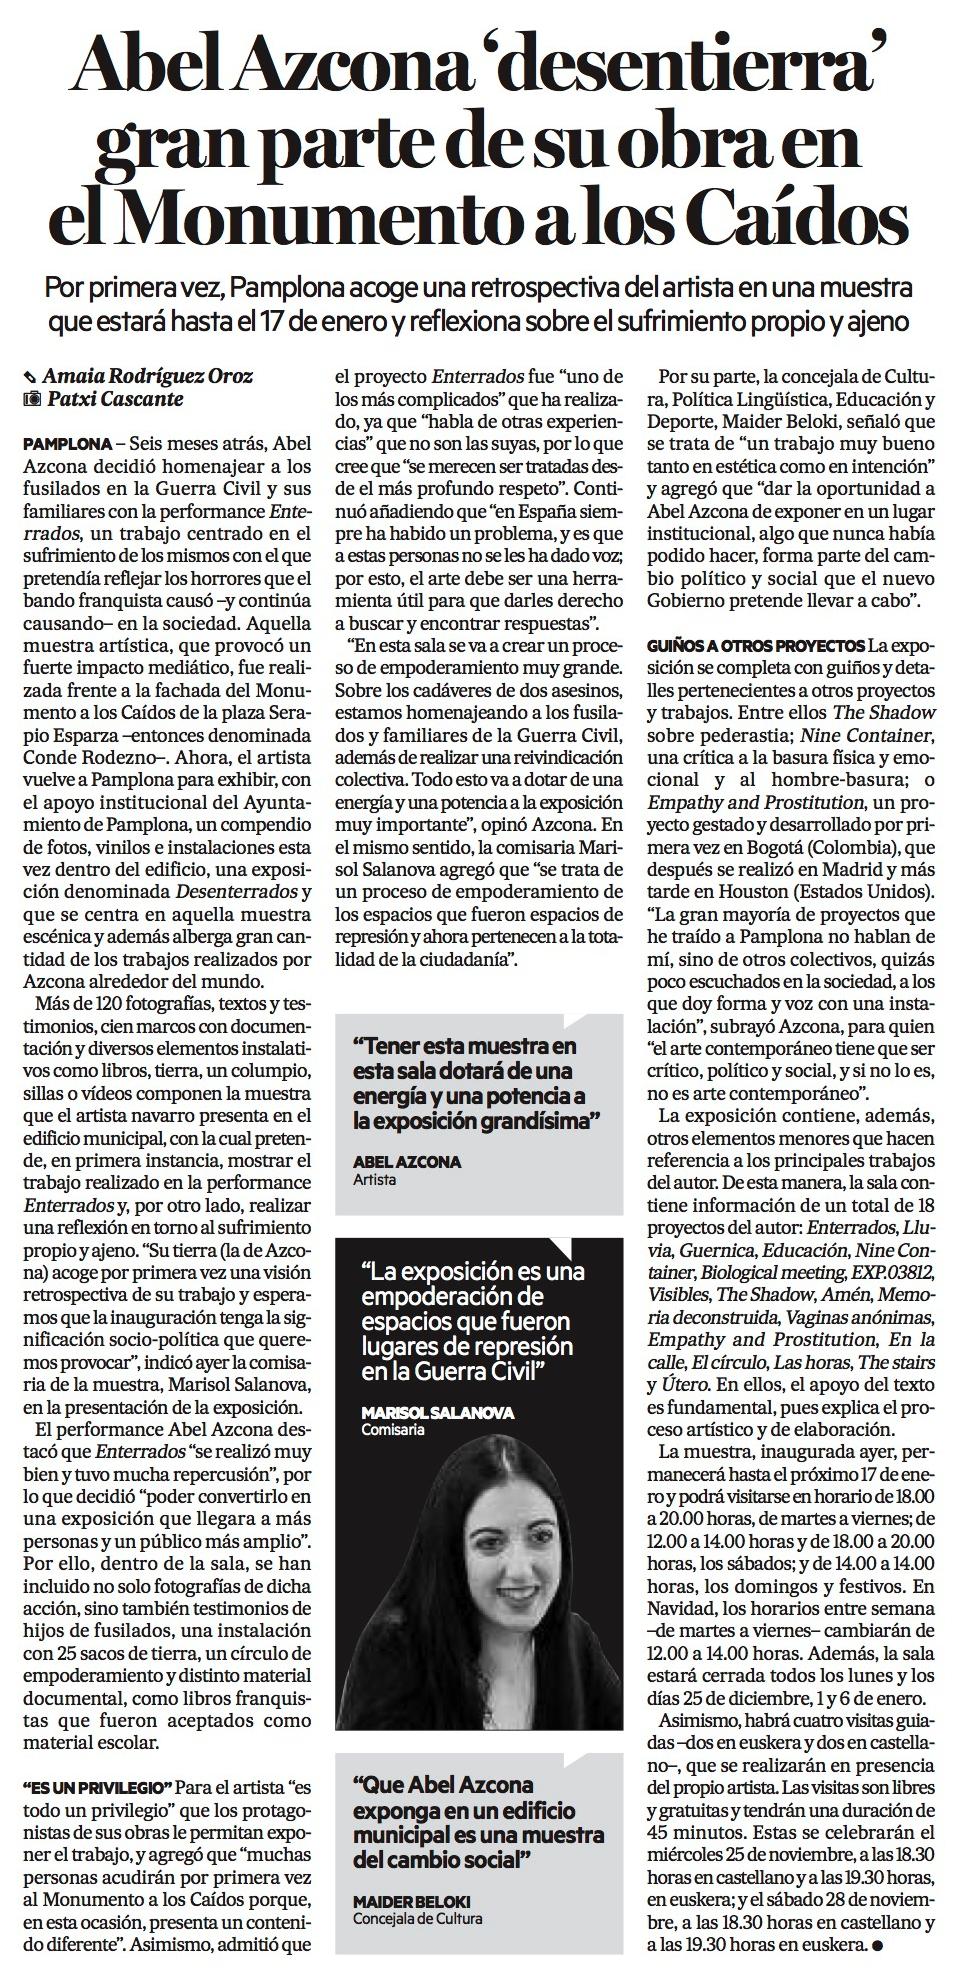 Diario de Noticias, 21 de Noviembre de 2017.Fragmento noticia en papel. PDF Completo. Noticia Digital.